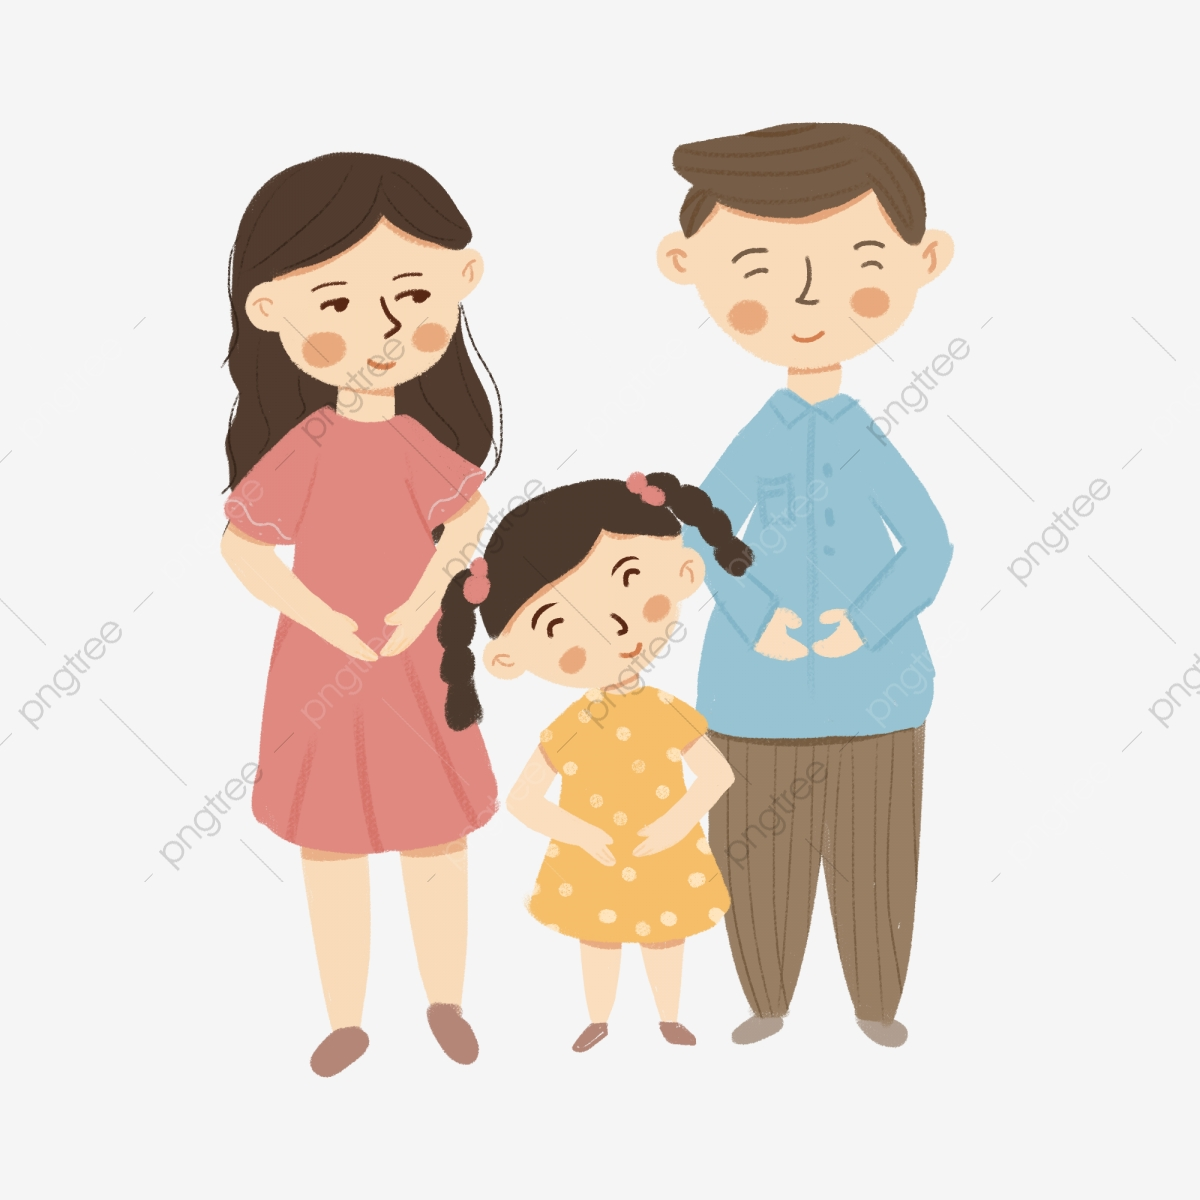 Gambar Ibu Dan Ayah Elemen Kartun Potret Keluarga Gadis Kecil Ayah Ibu Gadis Kecil Png Dan Psd Untuk Muat Turun Percuma